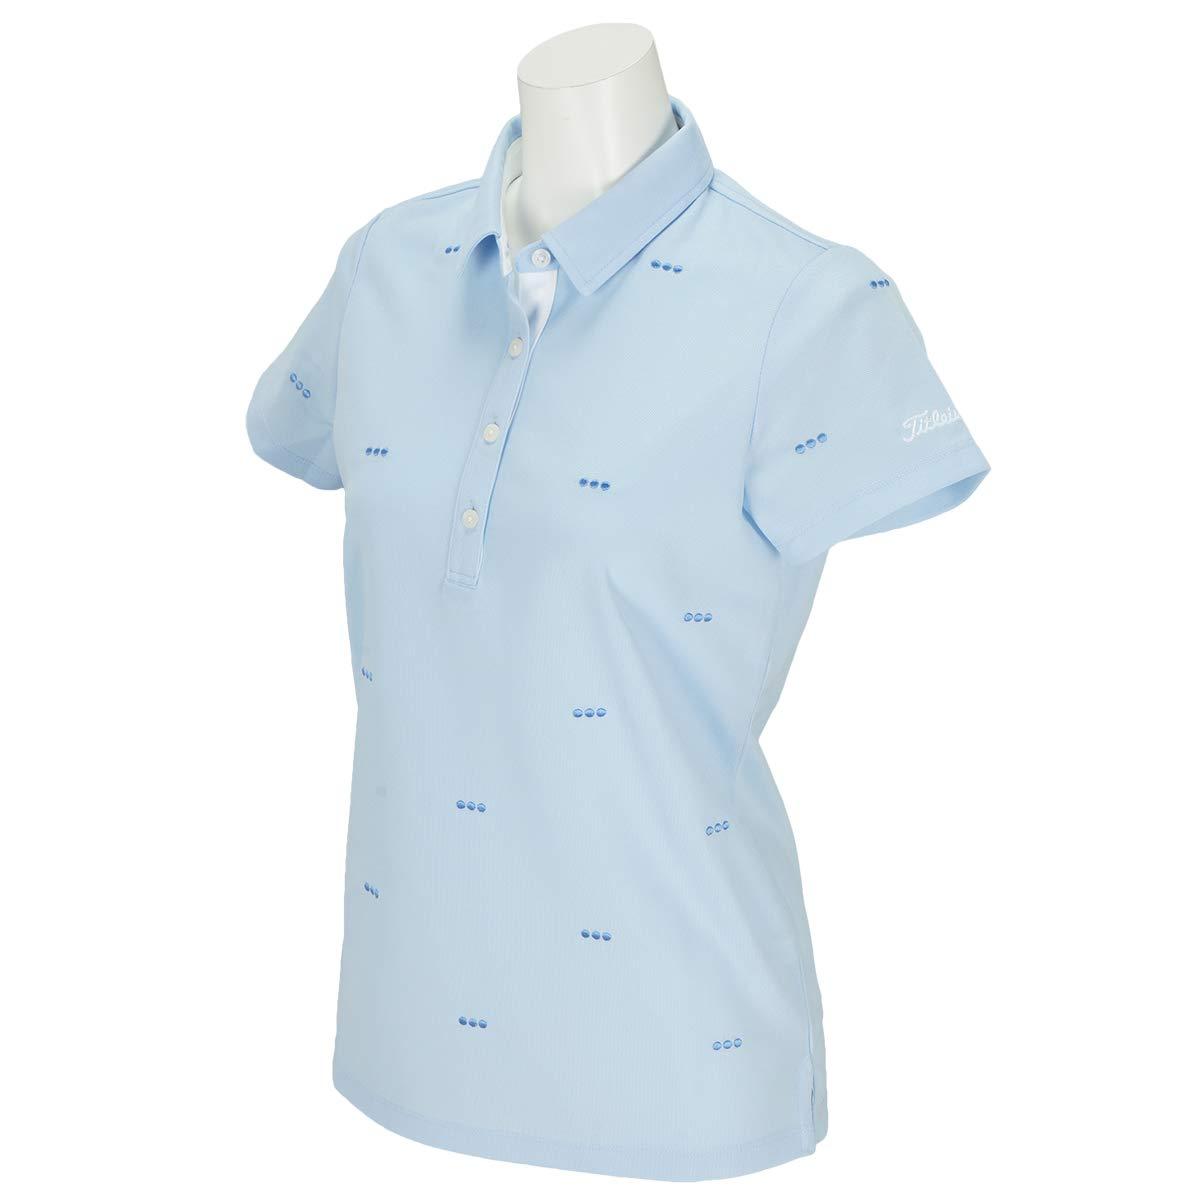 タイトリスト TITLEIST 半袖シャツポロシャツ ドット刺繍半袖ポロシャツ レディス サックス M   B07PJ15TK3